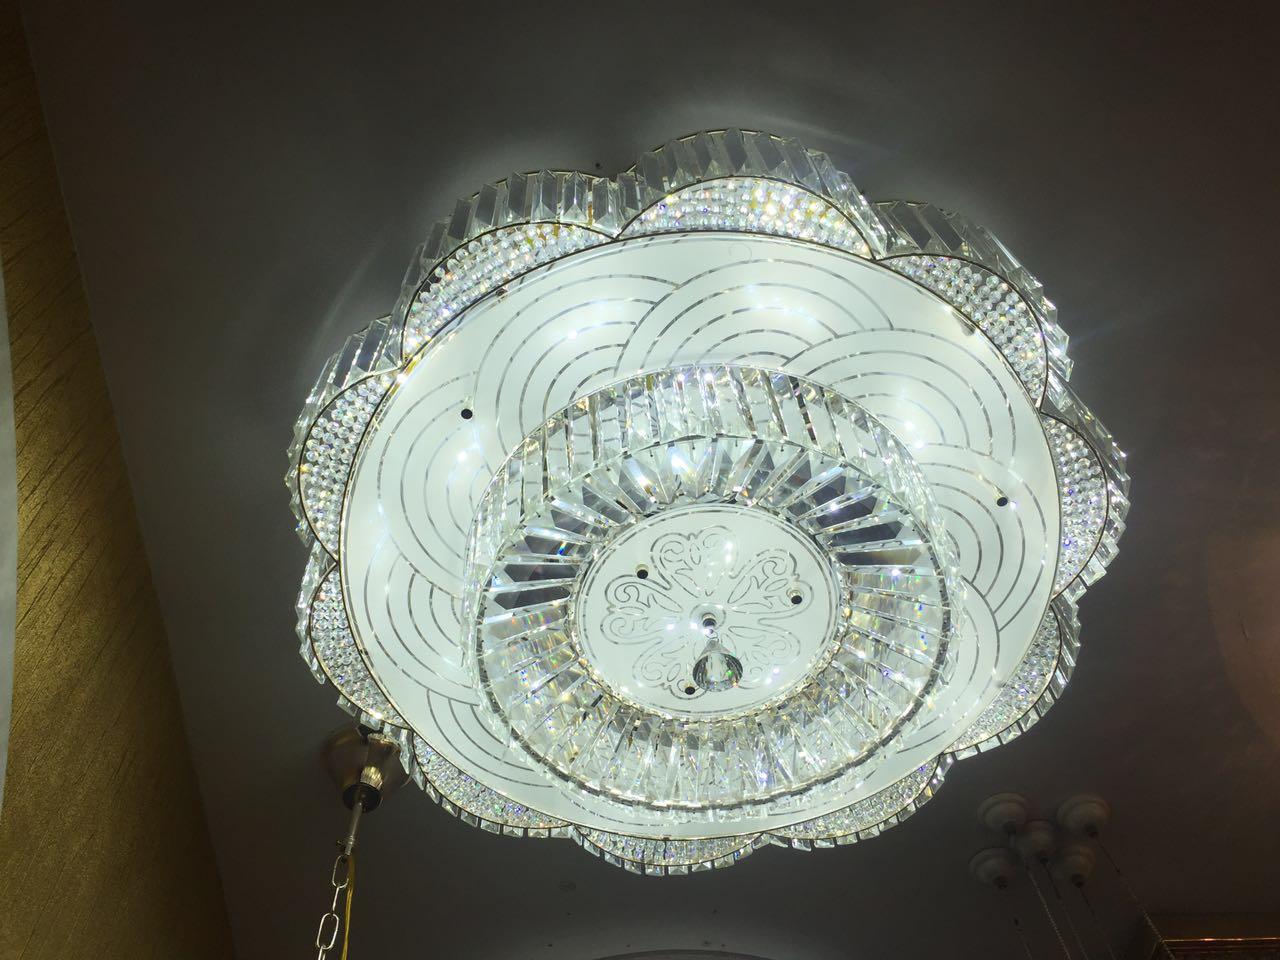 LED灯条生产流程具体包括哪些内容您知道吗